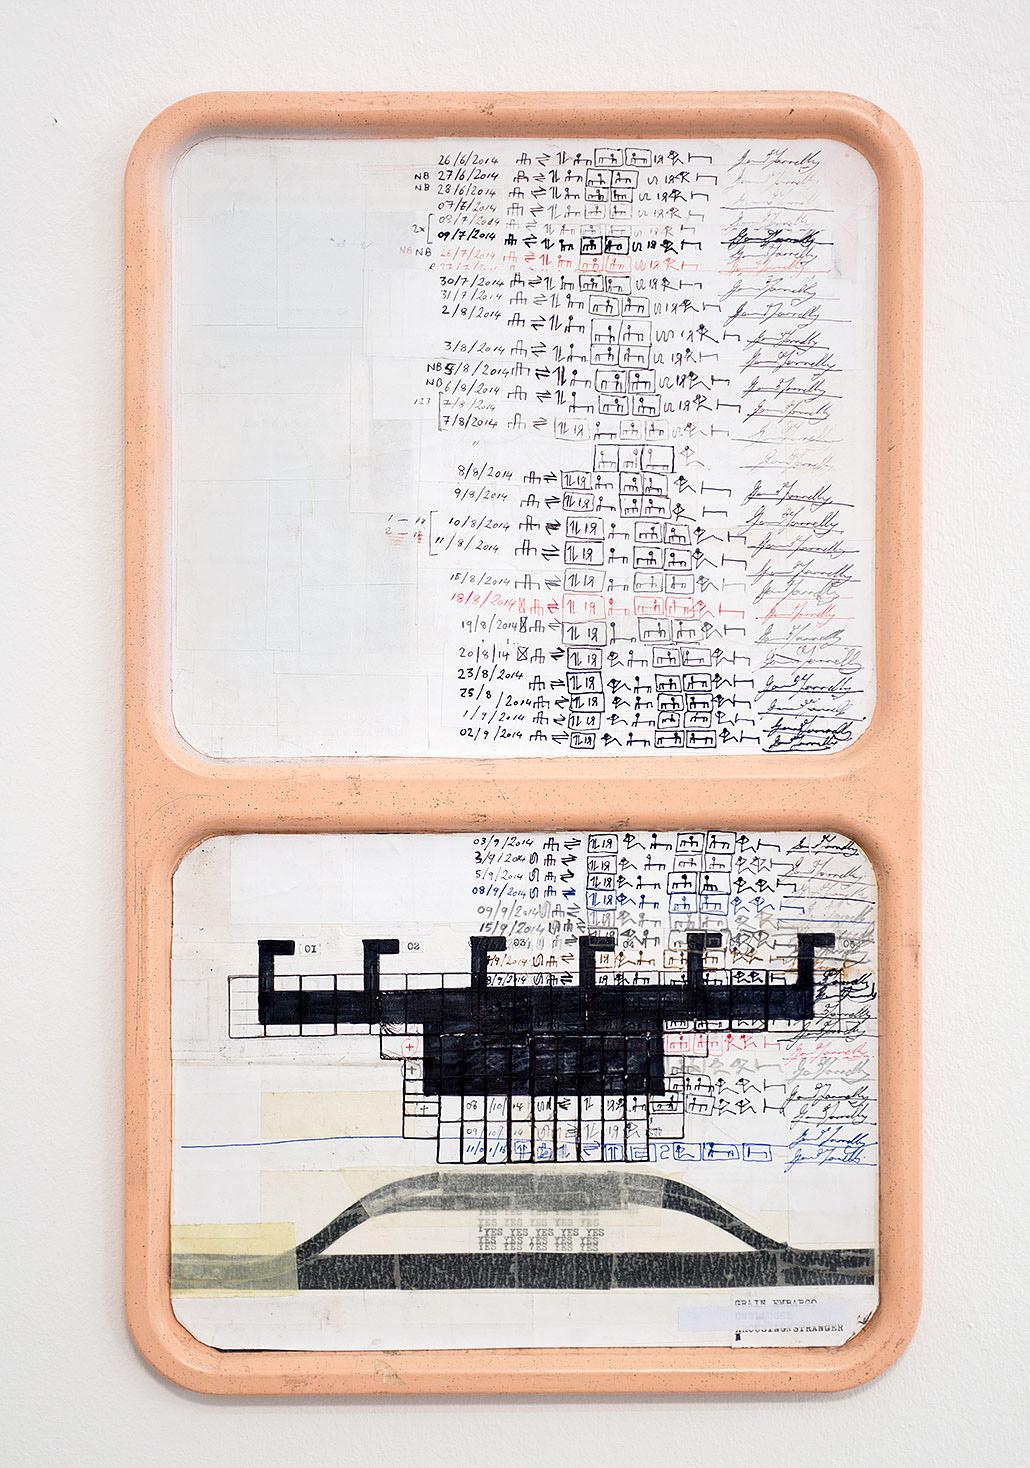 Groelle P Projects | Florian Göpfert, Alekos Hofstetter ... on